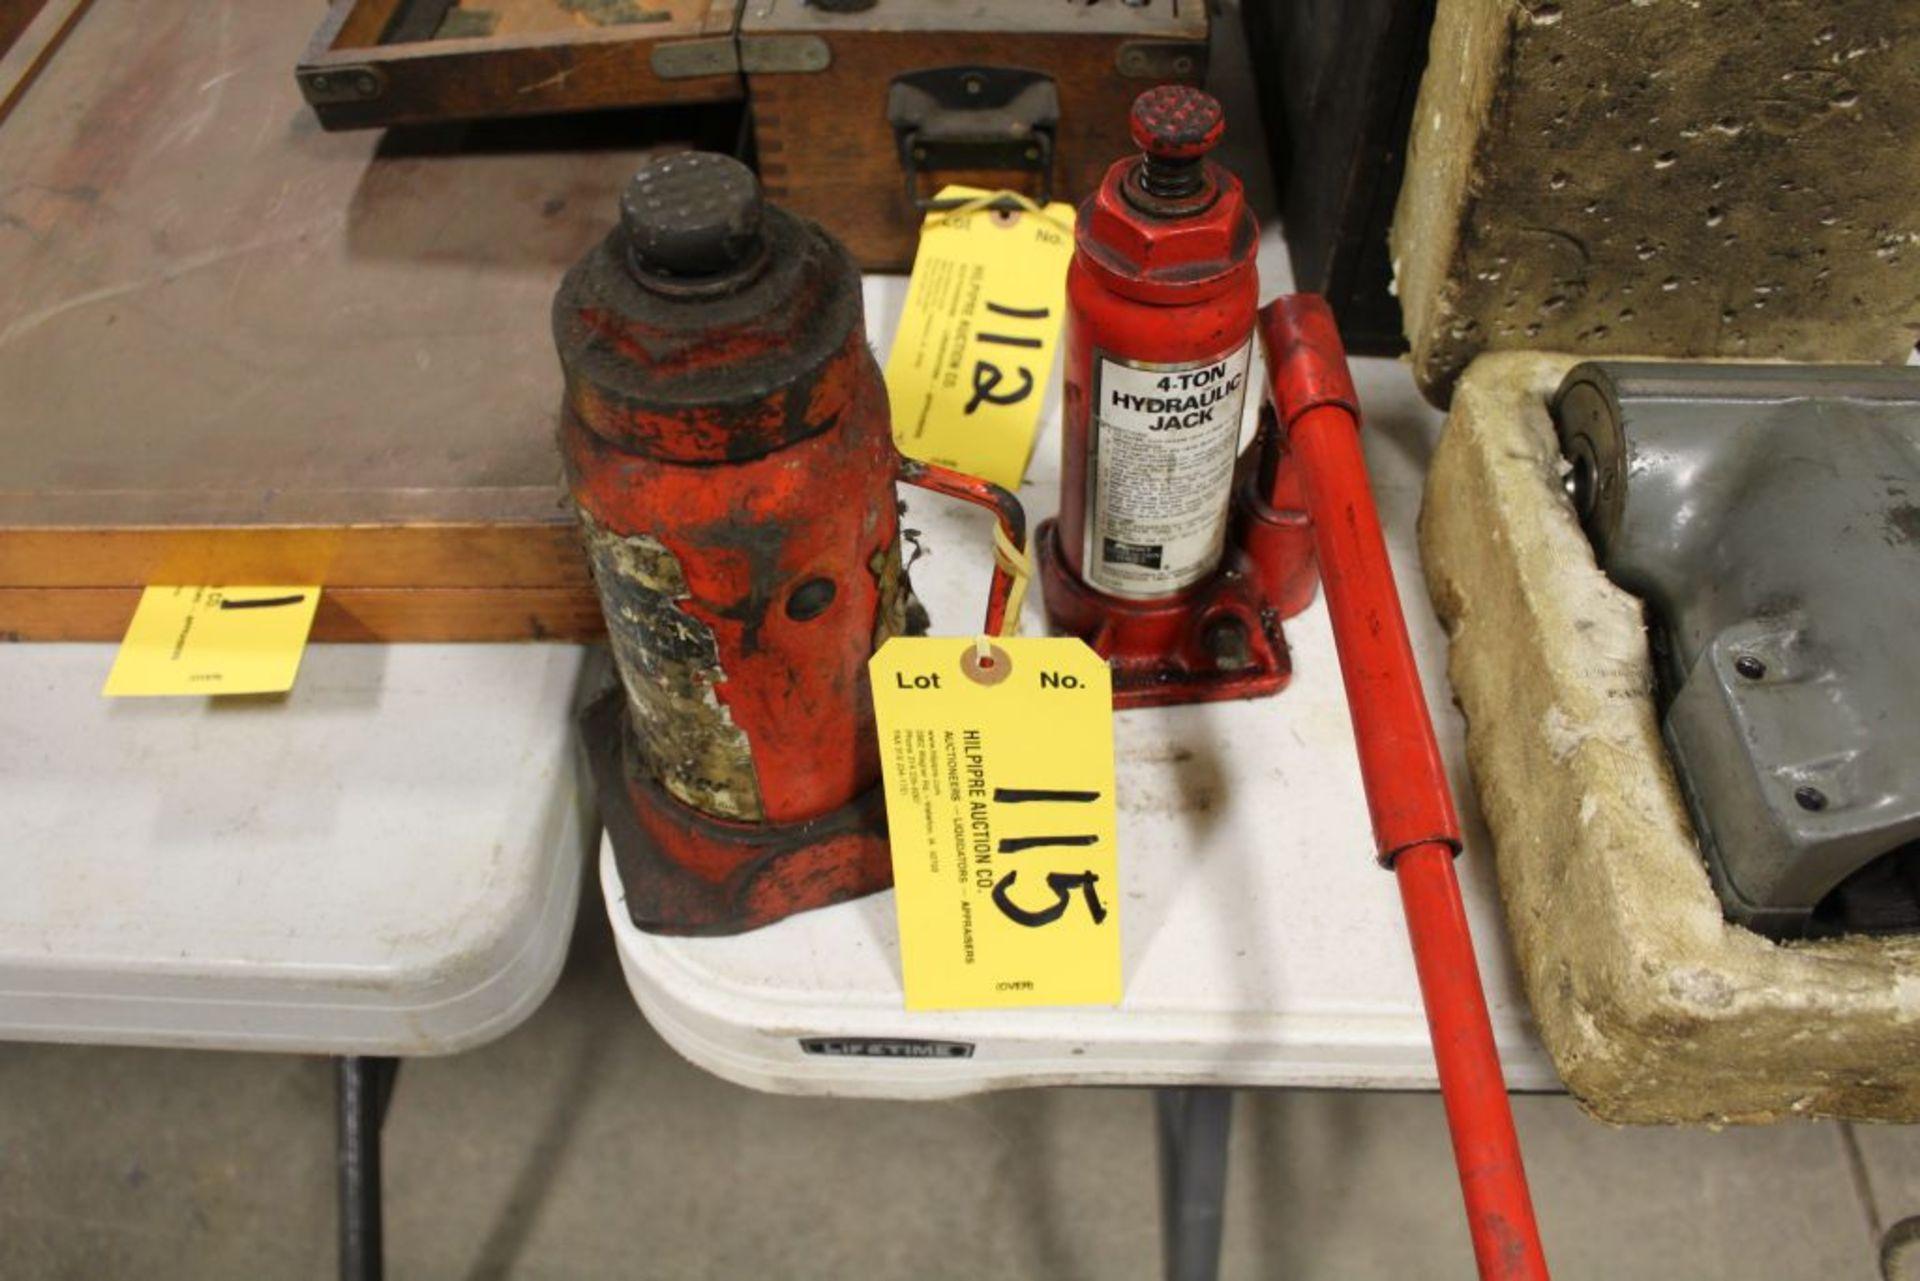 Lot 115 - Bottle jacks, (1) 4 T., (1) 8 T.